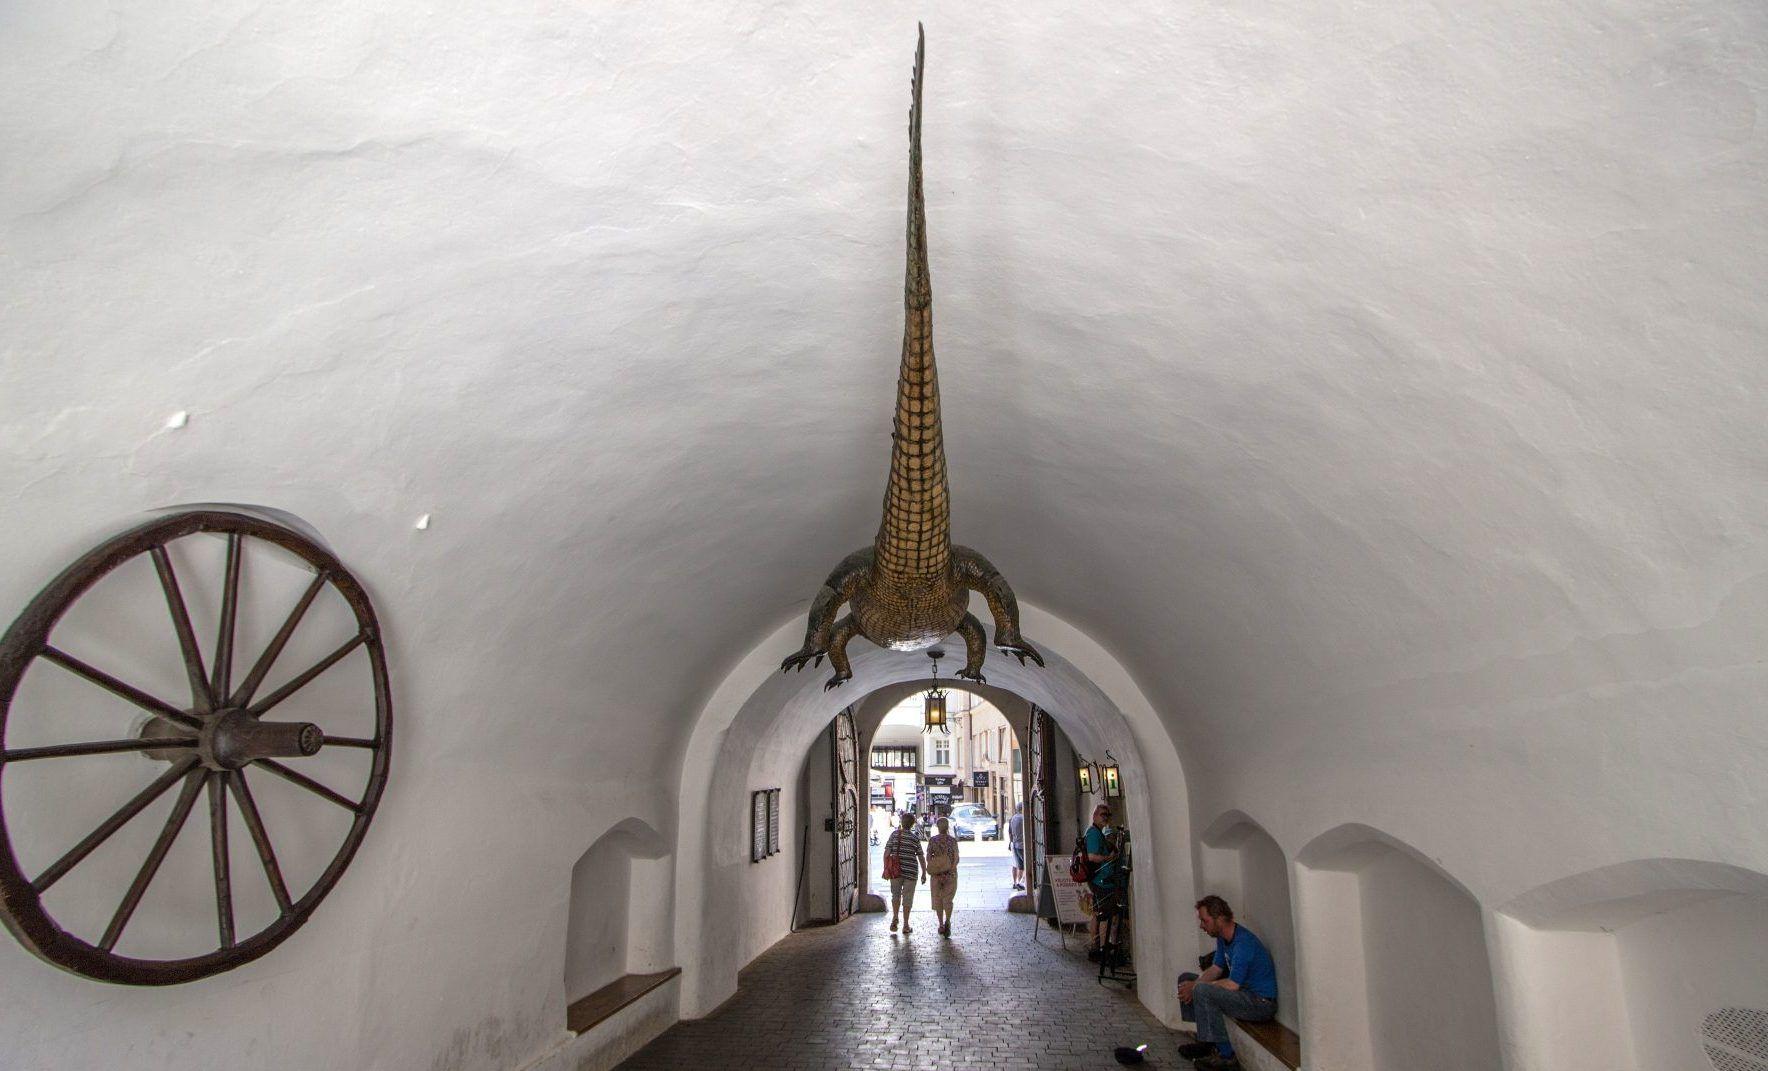 Stará radnice v Brně - infocentrum pod krokodýlem